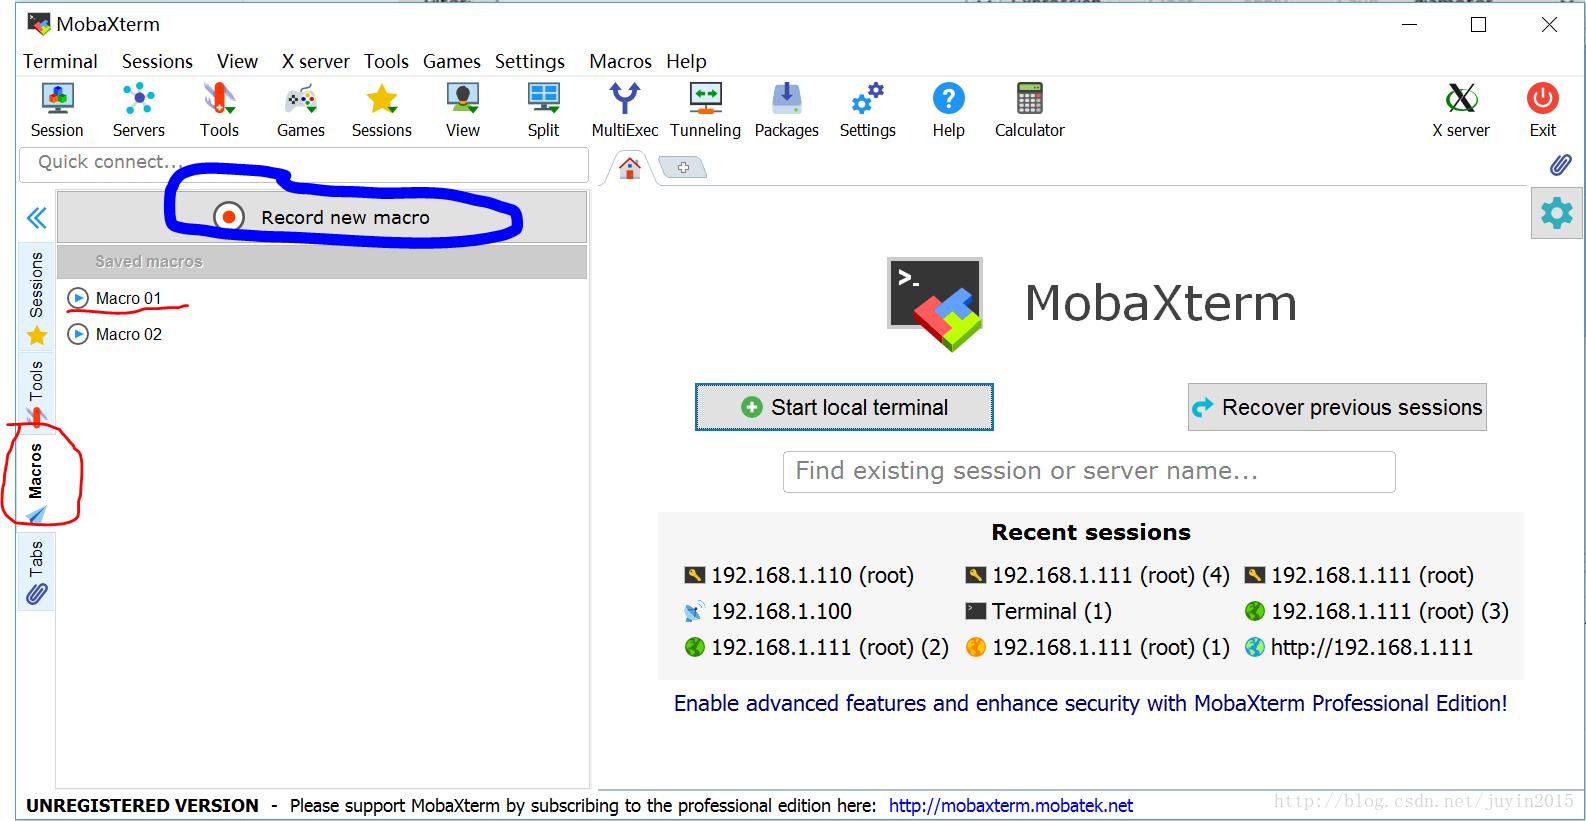 MobaXterm tool - Programmer Sought